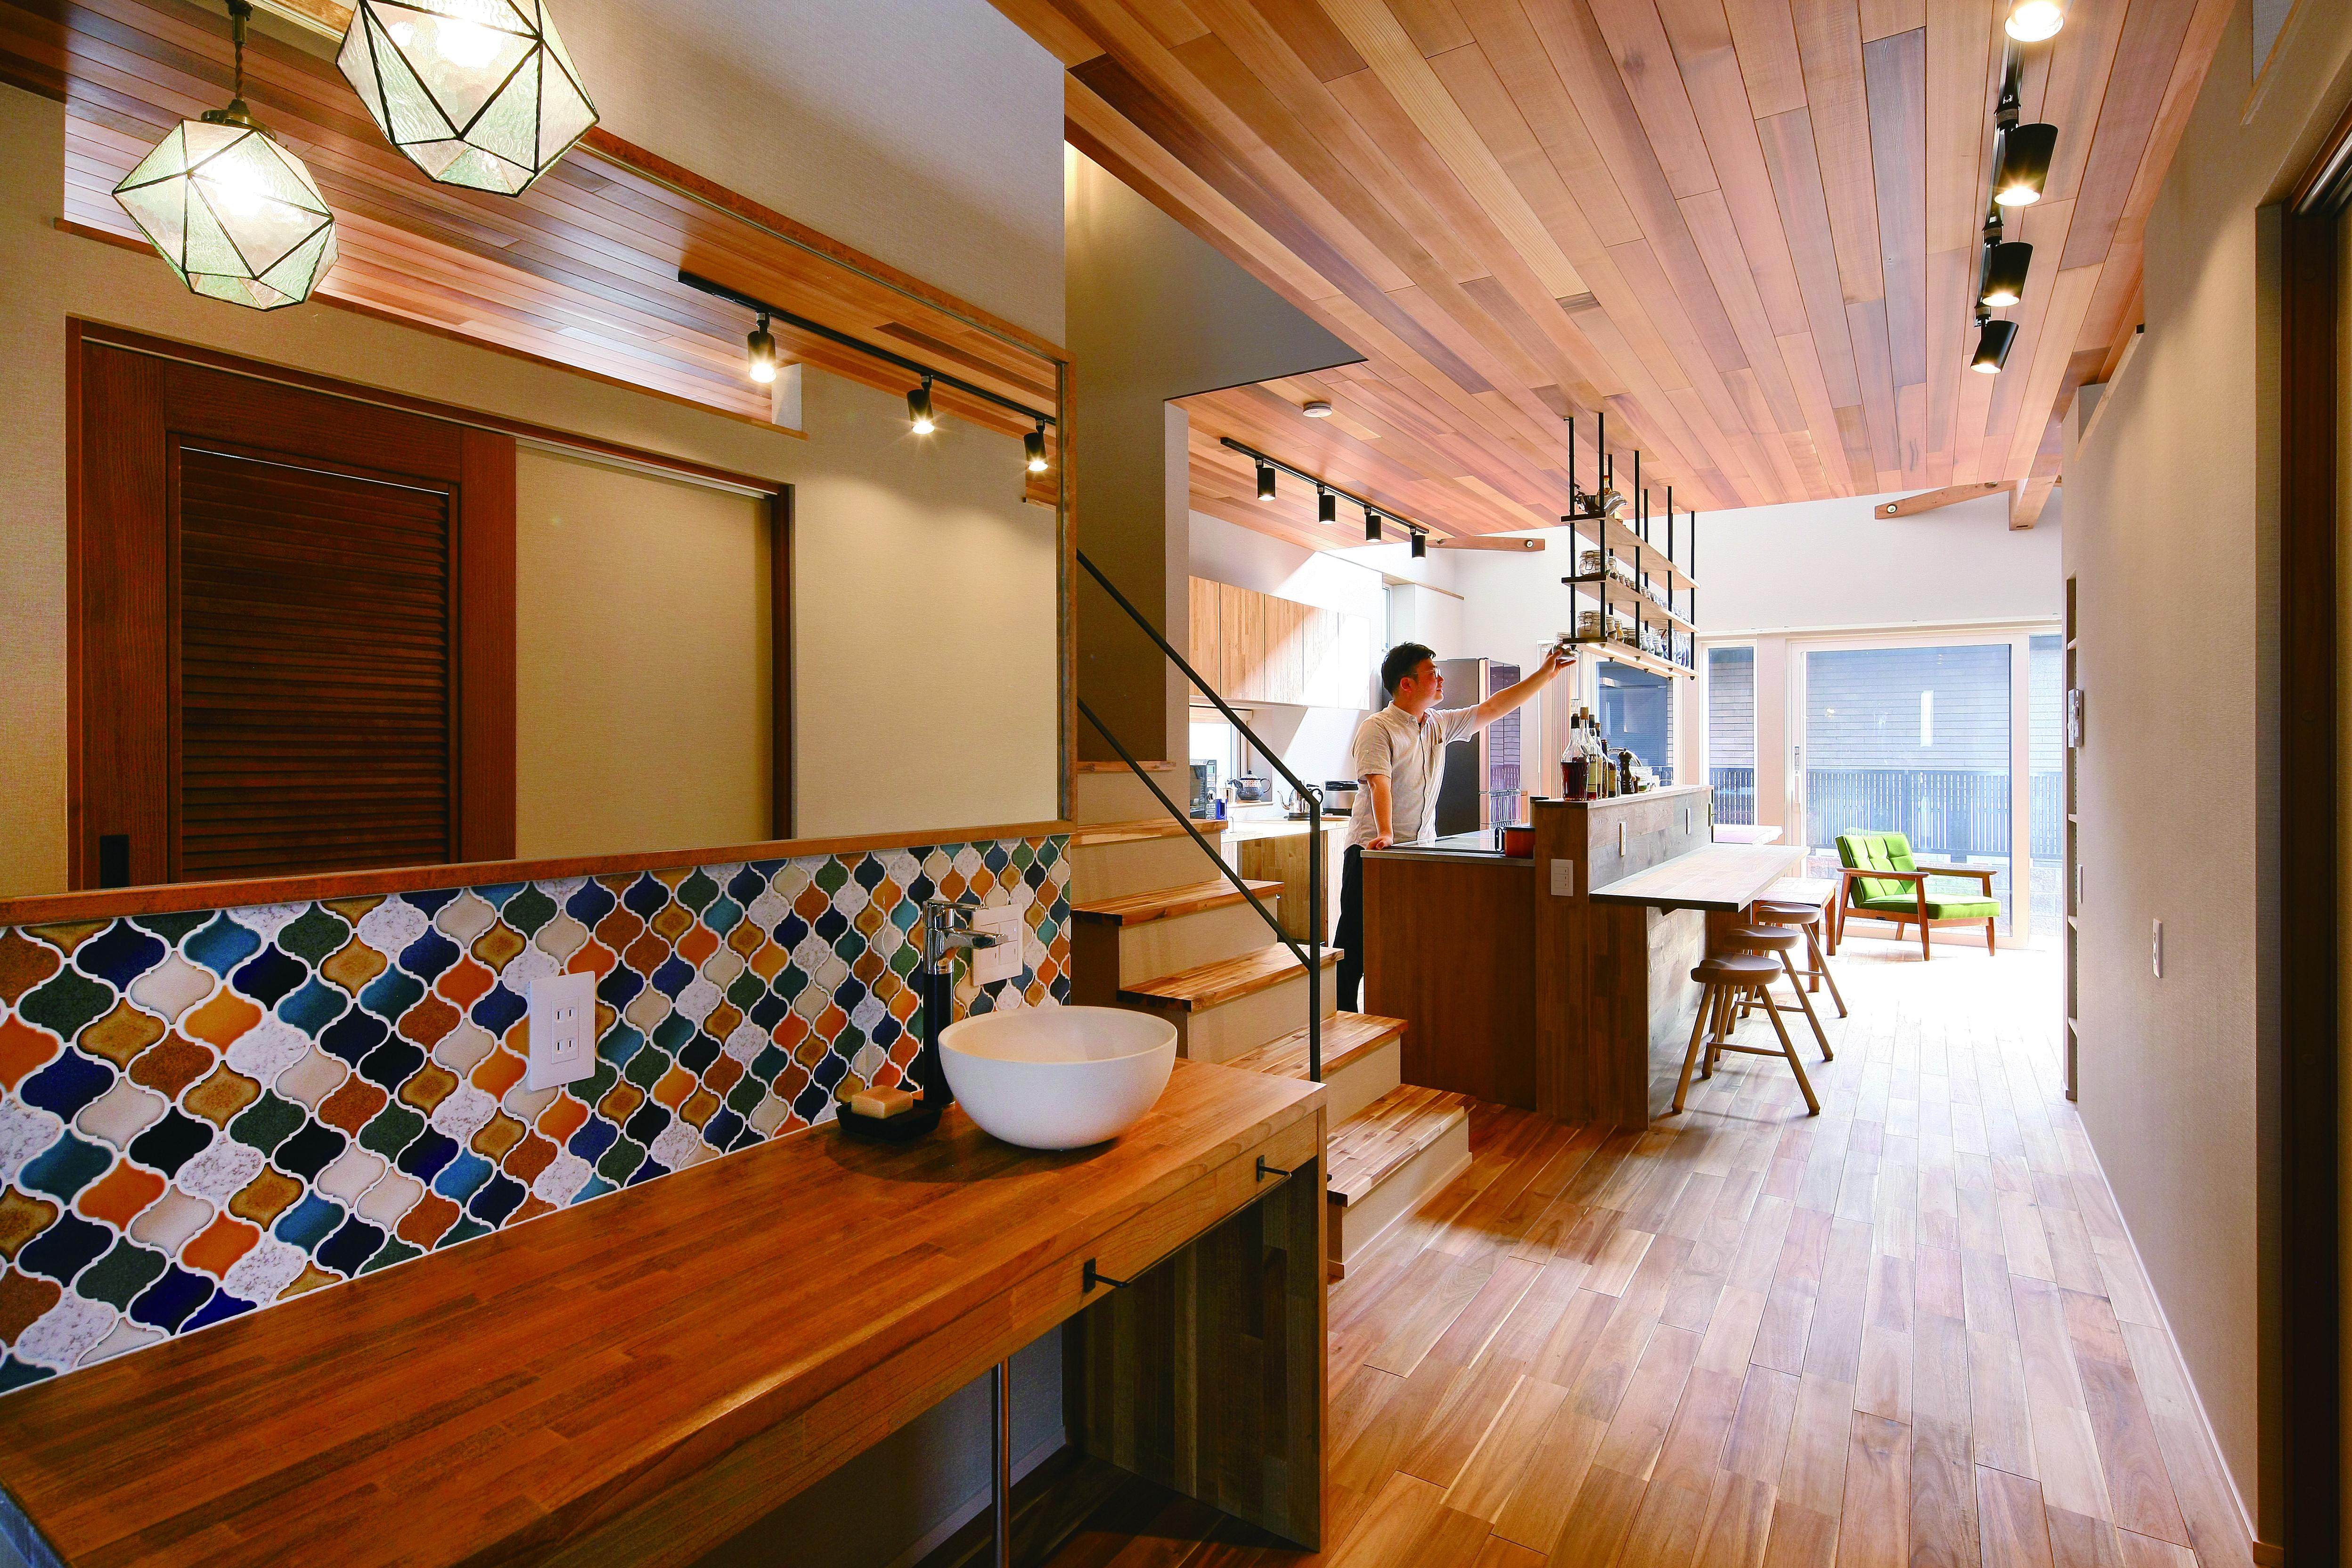 共感住宅 ray-out (レイアウト)【デザイン住宅、子育て、趣味】玄関土間とLDKの床はフラットにつながり空間をより開放的に。手洗いスペースのコラベルのタイルはご主人のこだわり